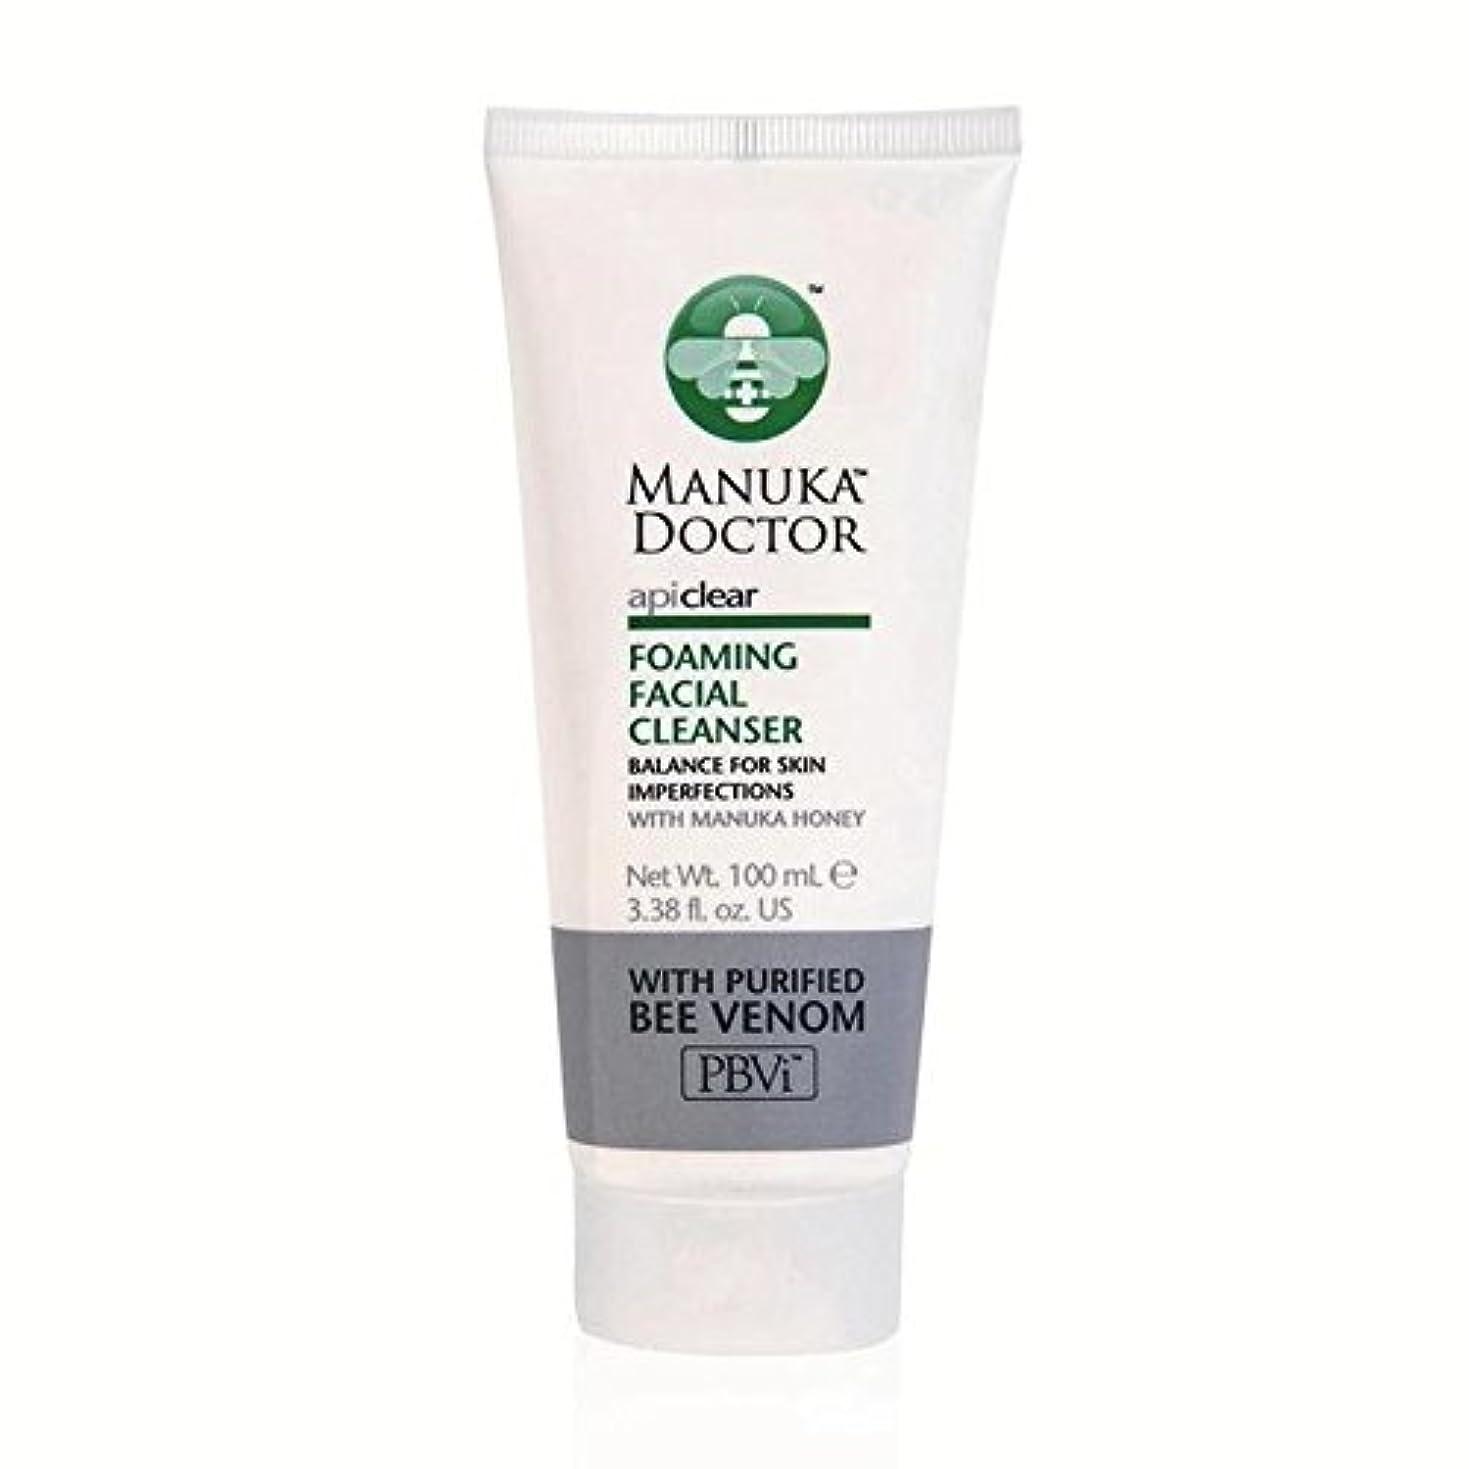 縫う没頭する伝統的マヌカドクター明確な泡立ち洗顔料の100ミリリットル x2 - Manuka Doctor Api Clear Foaming Facial Cleanser 100ml (Pack of 2) [並行輸入品]